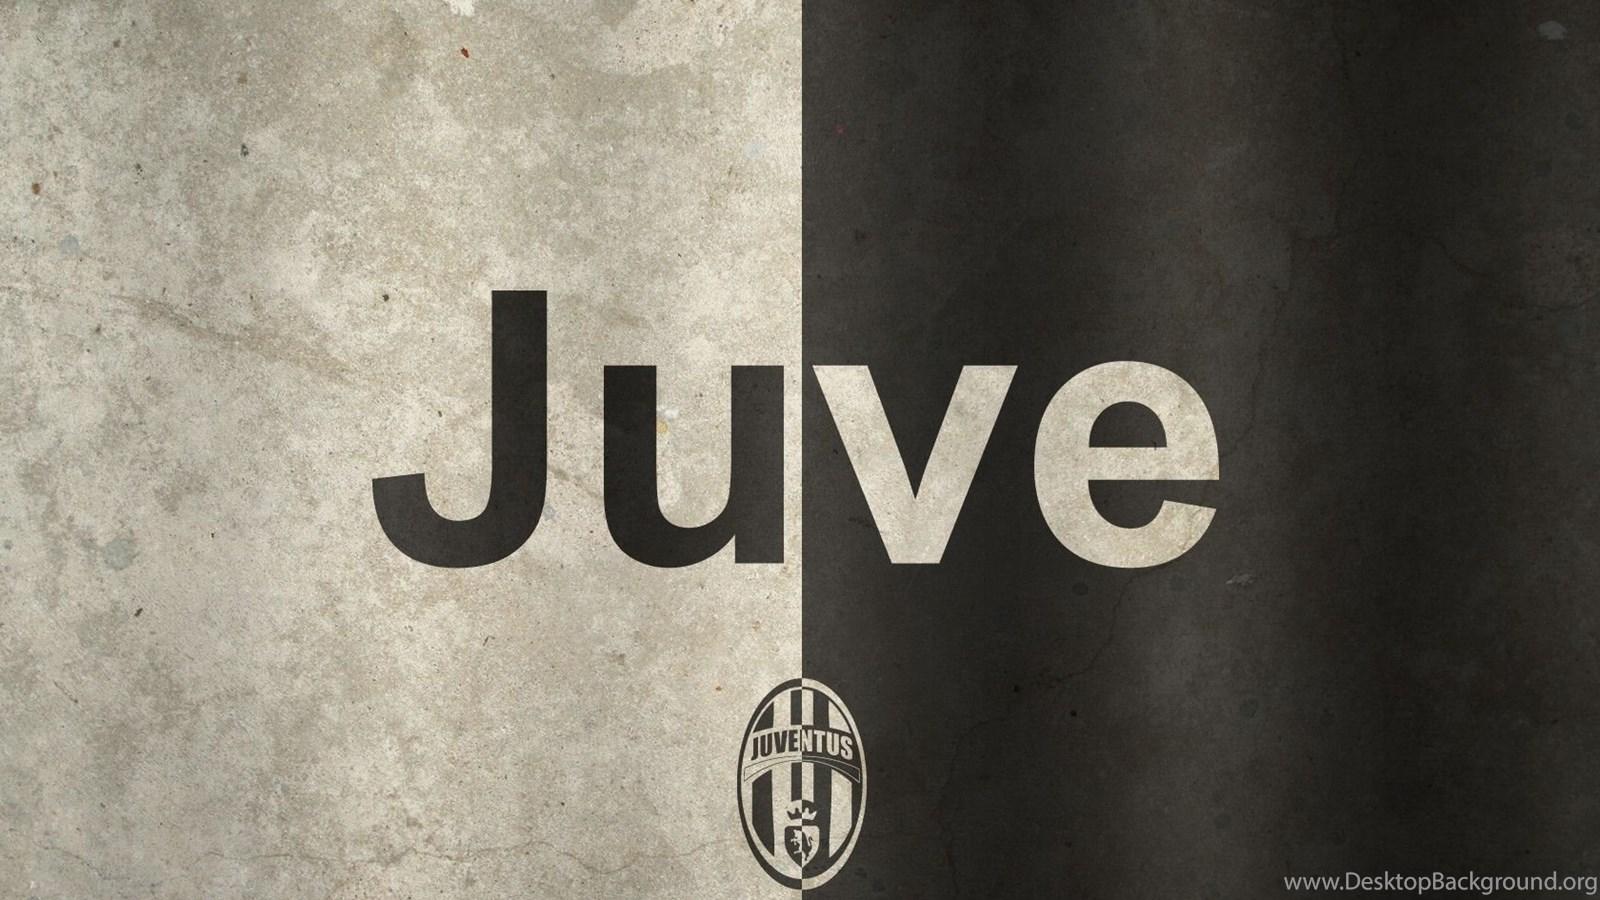 Juventus Background